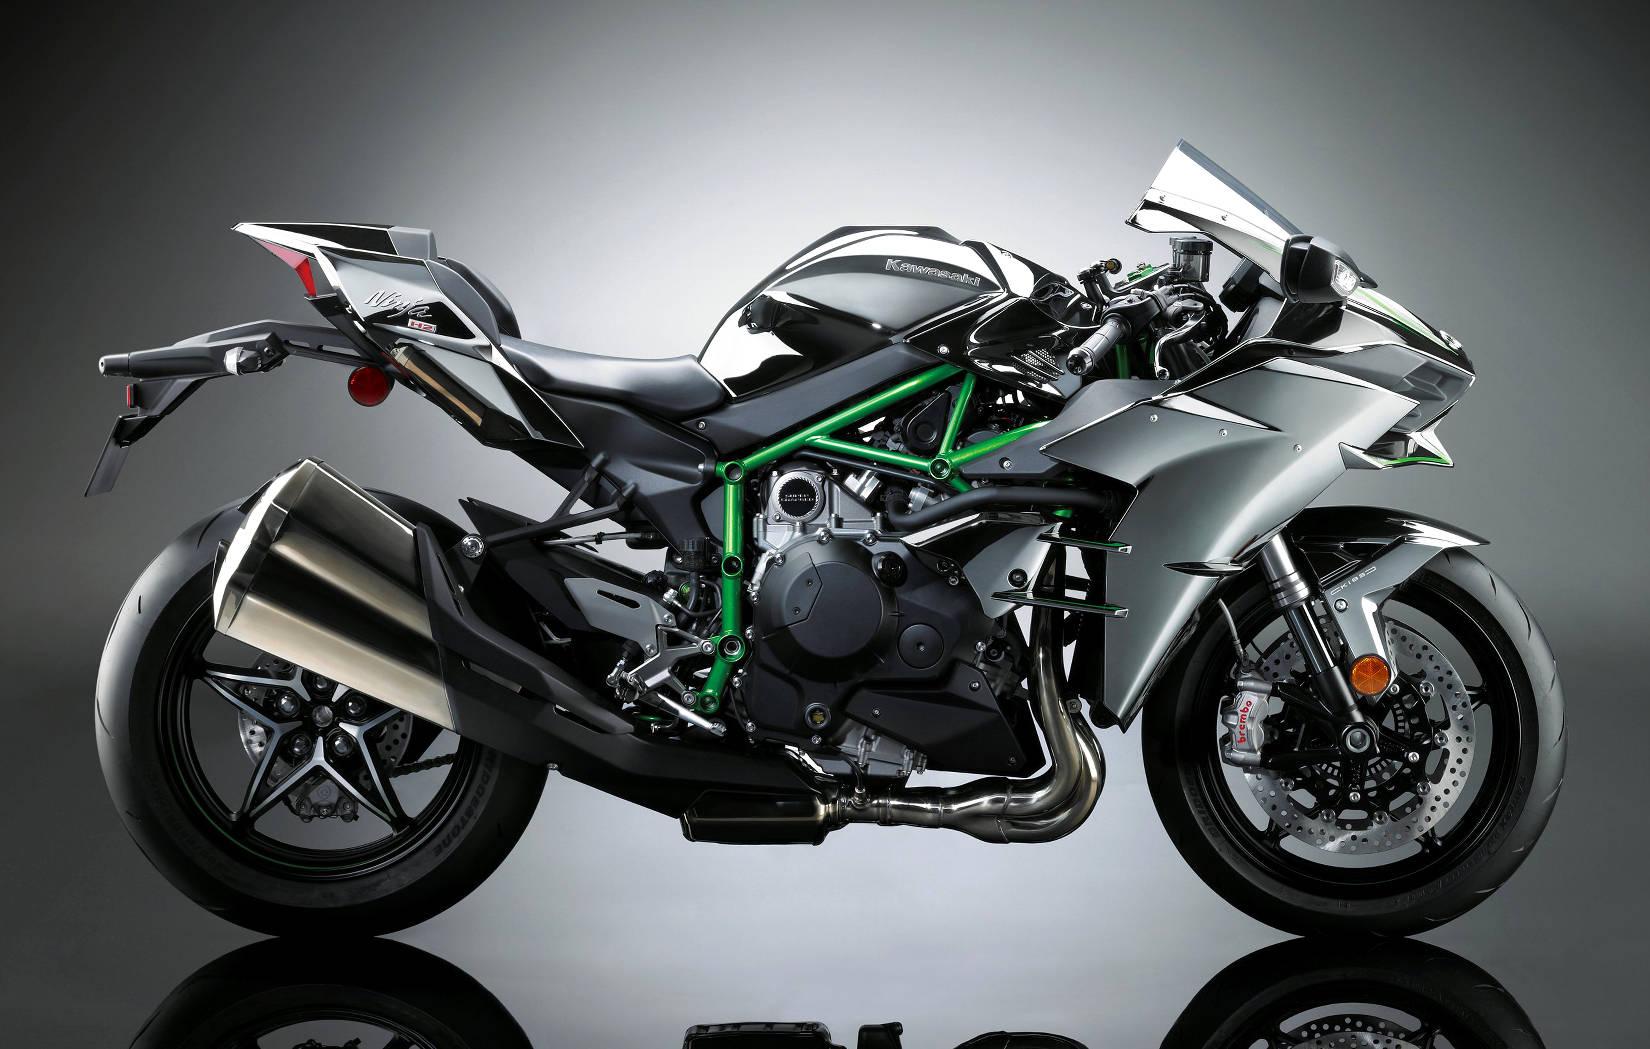 Kawasaki Ninja H2 Motorbike launched in India at Rs 29 lakh